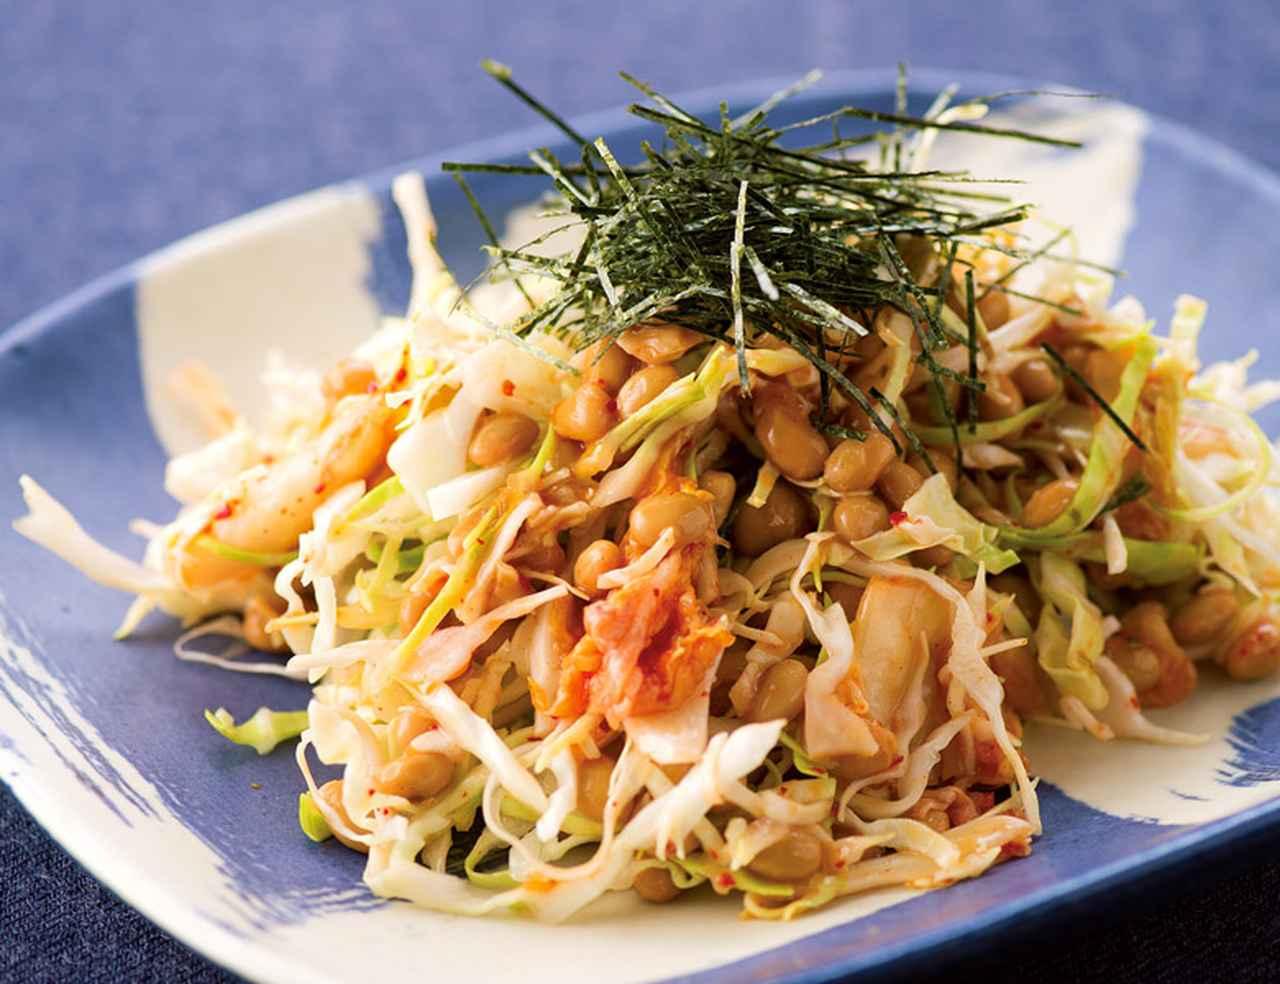 画像: キムチ&納豆のW発酵食品で腸スッキリ!